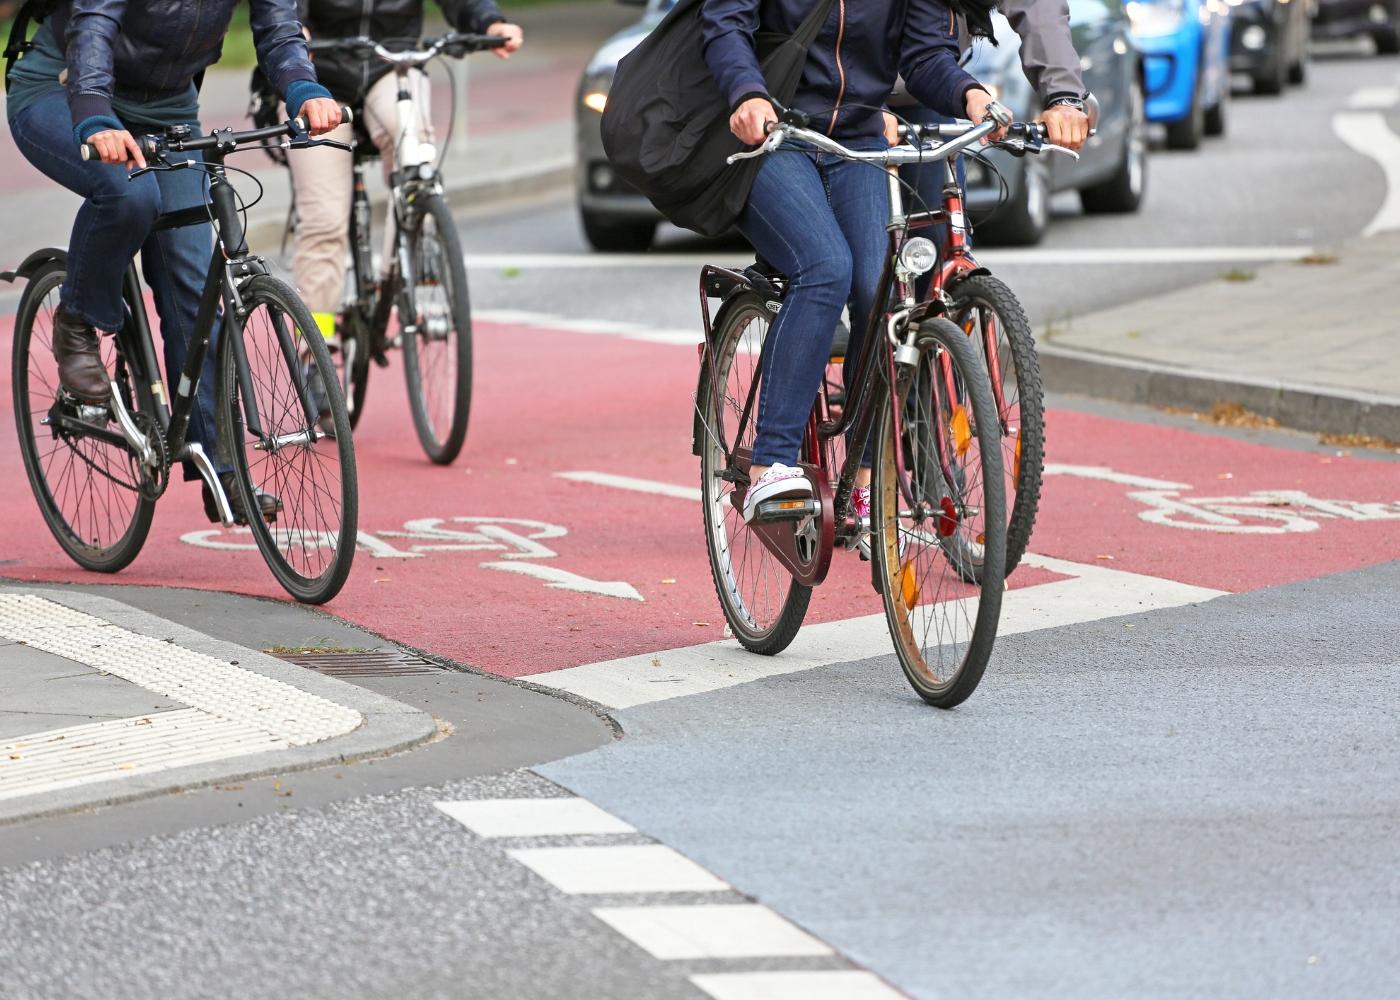 pessoas a andar de bicicleta na cidade segundo regras para ciclistas